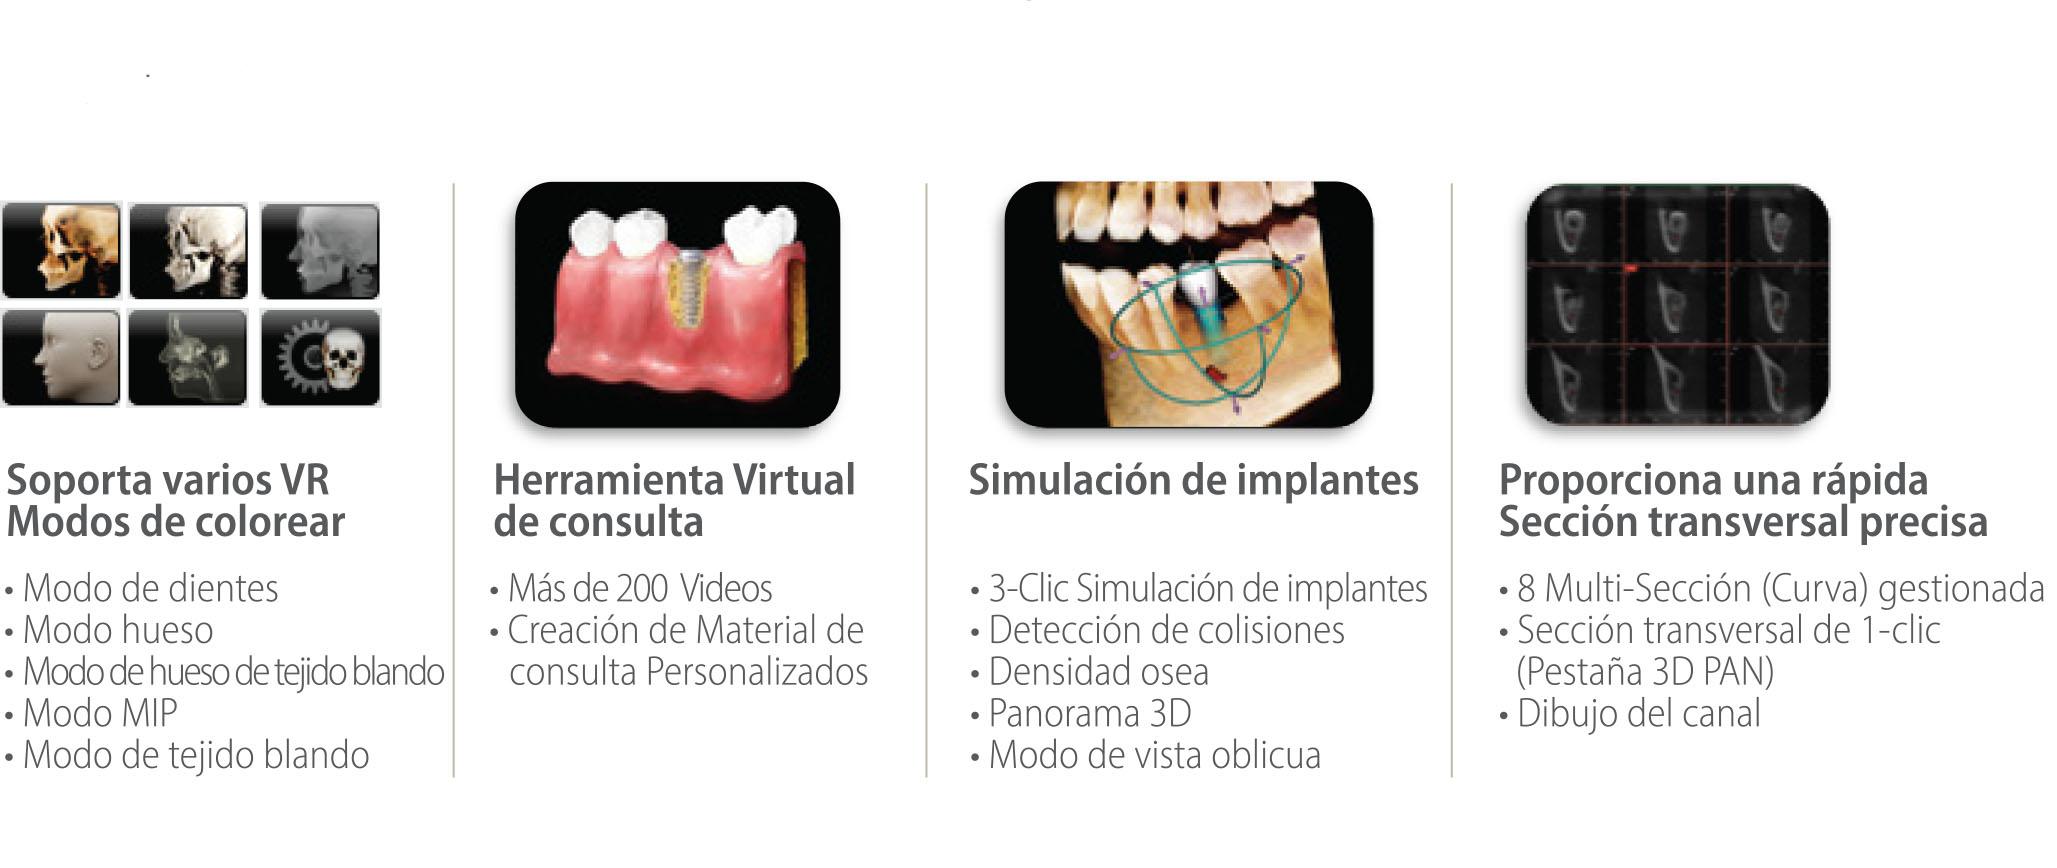 Rayos X dental precio variedad de herramientas 3D con Ez3D-i